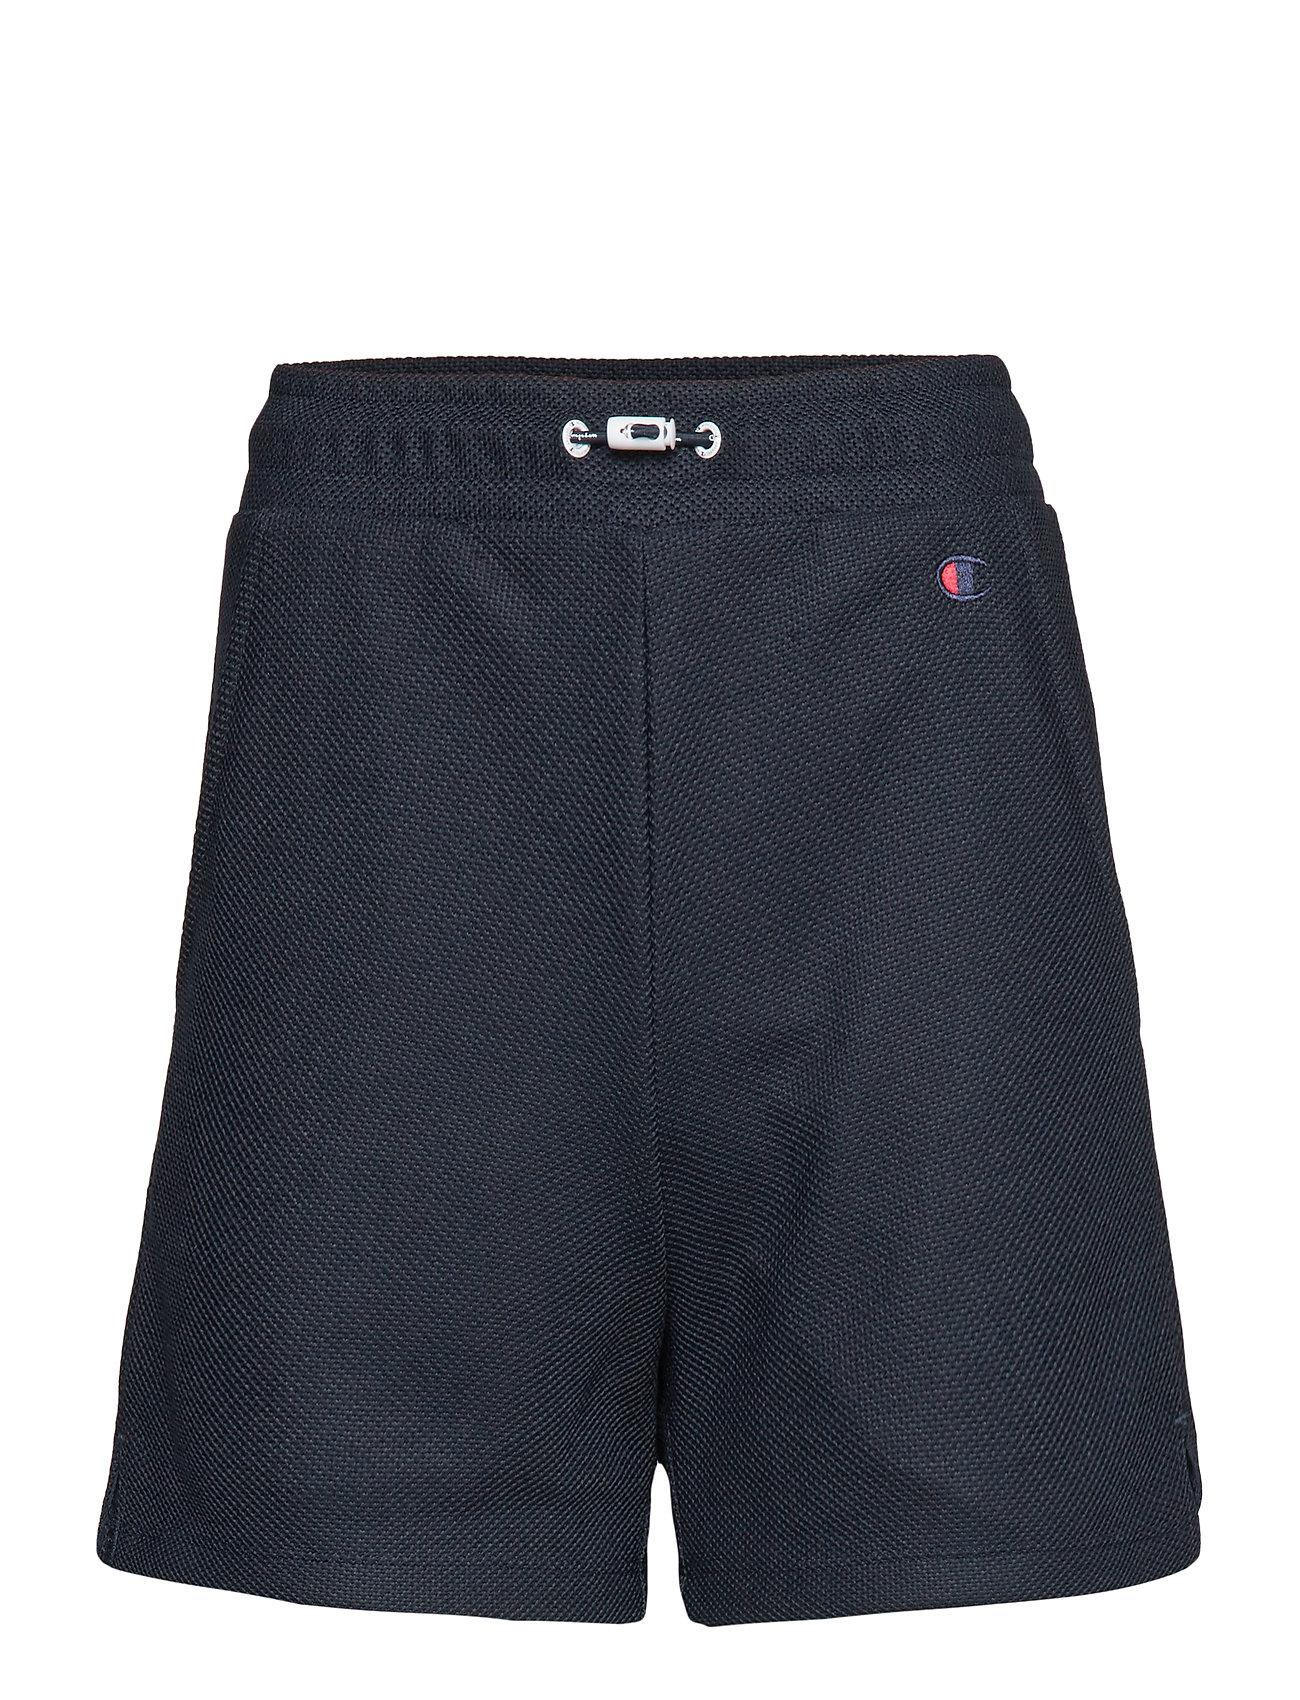 Champion Rochester Shorts - NAVY